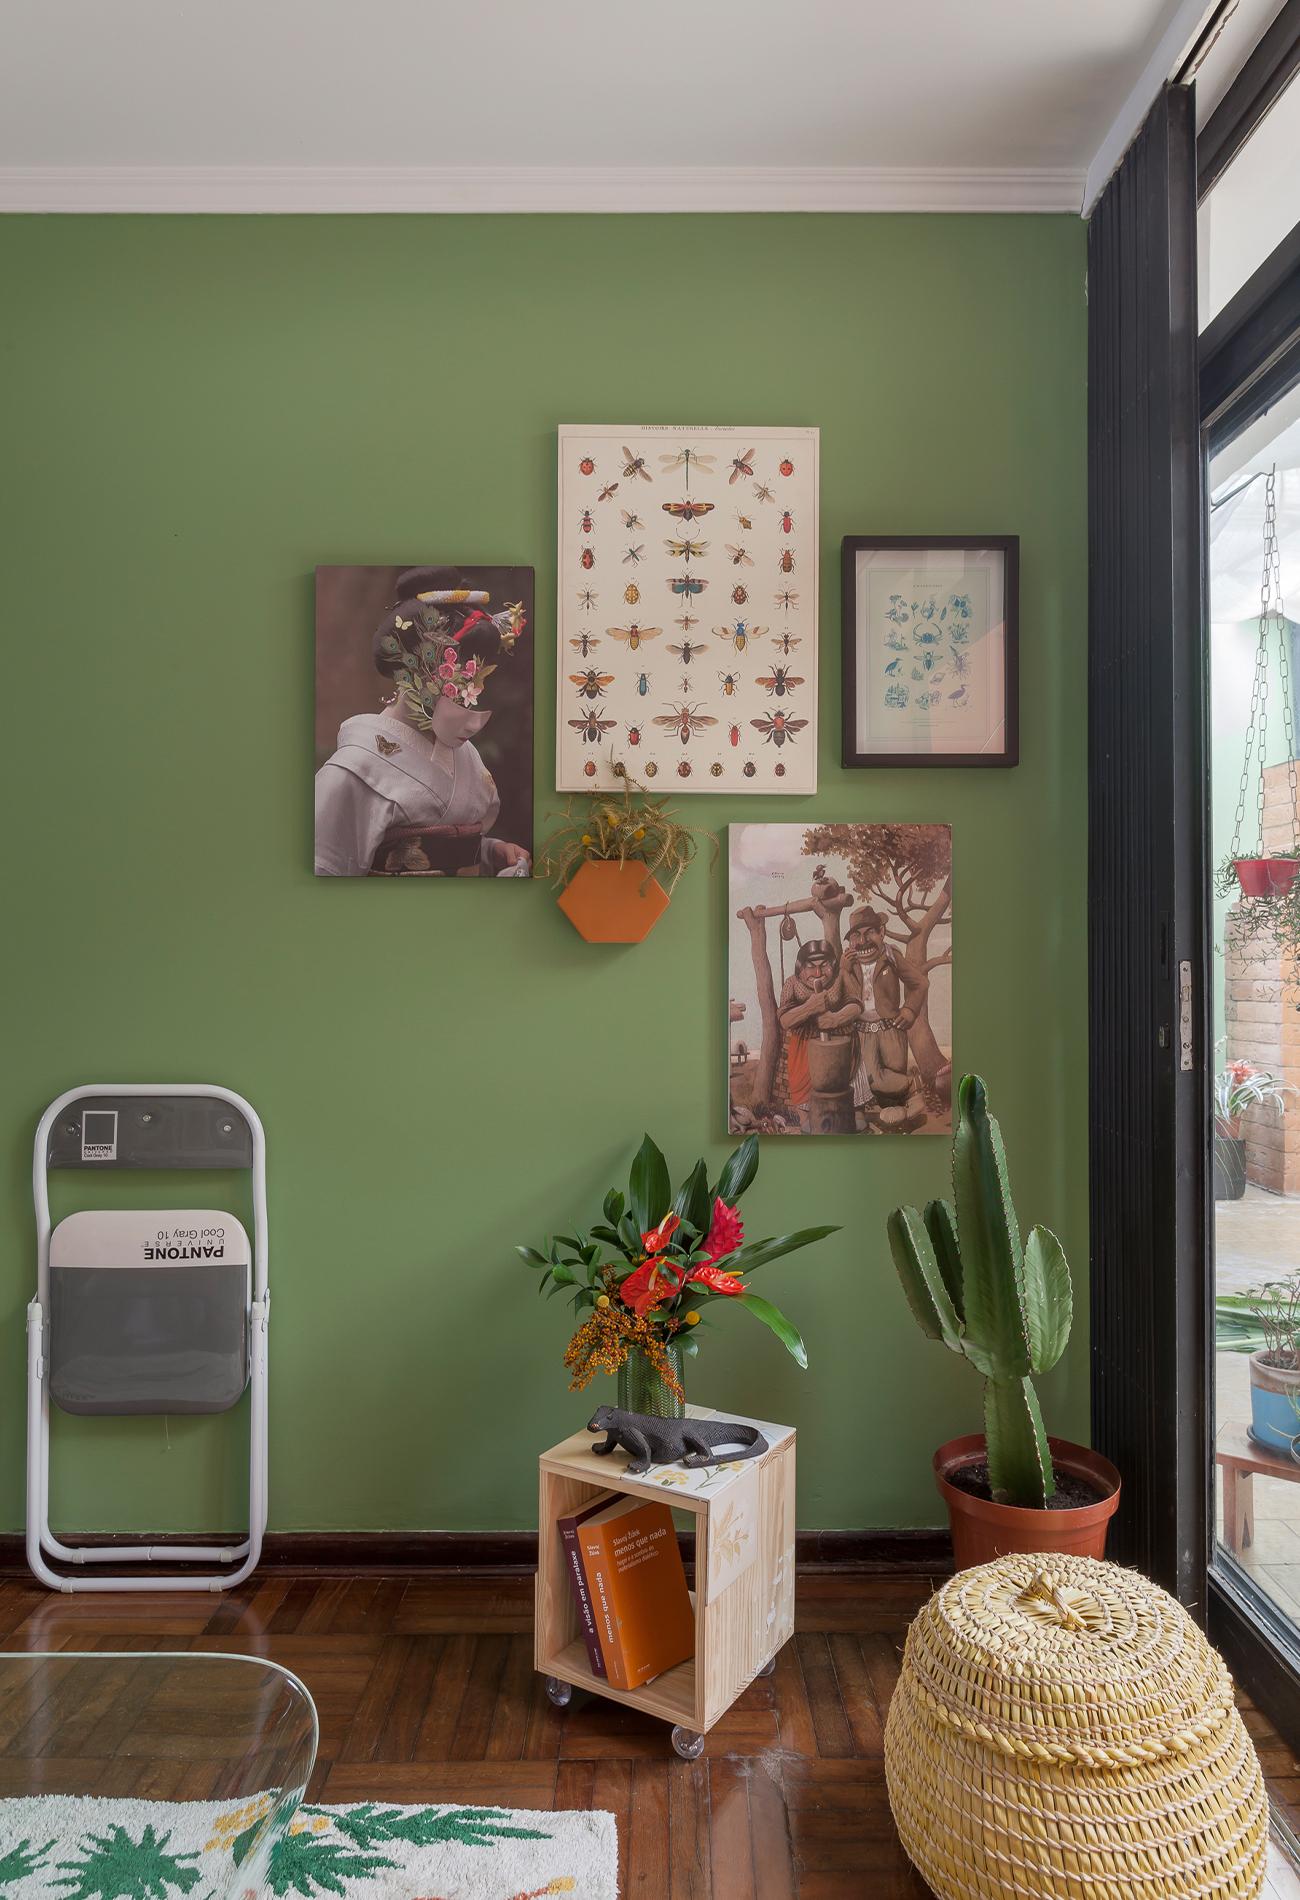 Sala com parede pintada de verde e quadros